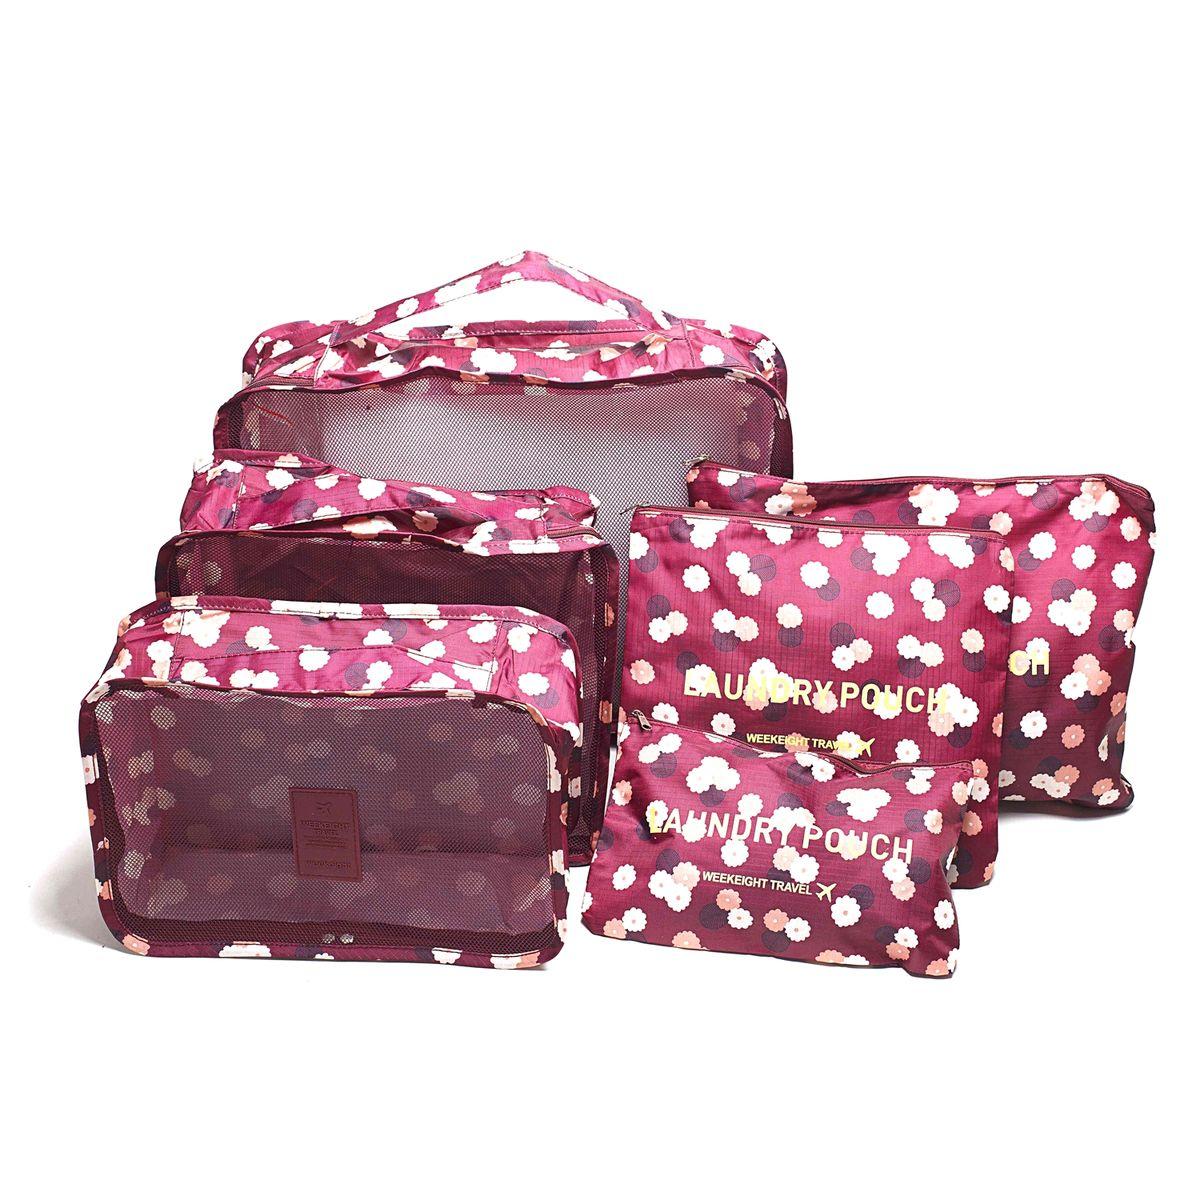 Набор органайзеров для багажа Homsu Цветок, цвет: бордовый, розовый, белый, 6 предметов набор органайзеров homsu ностальгия с крышкой 31 х 24 х 11 см 3 шт